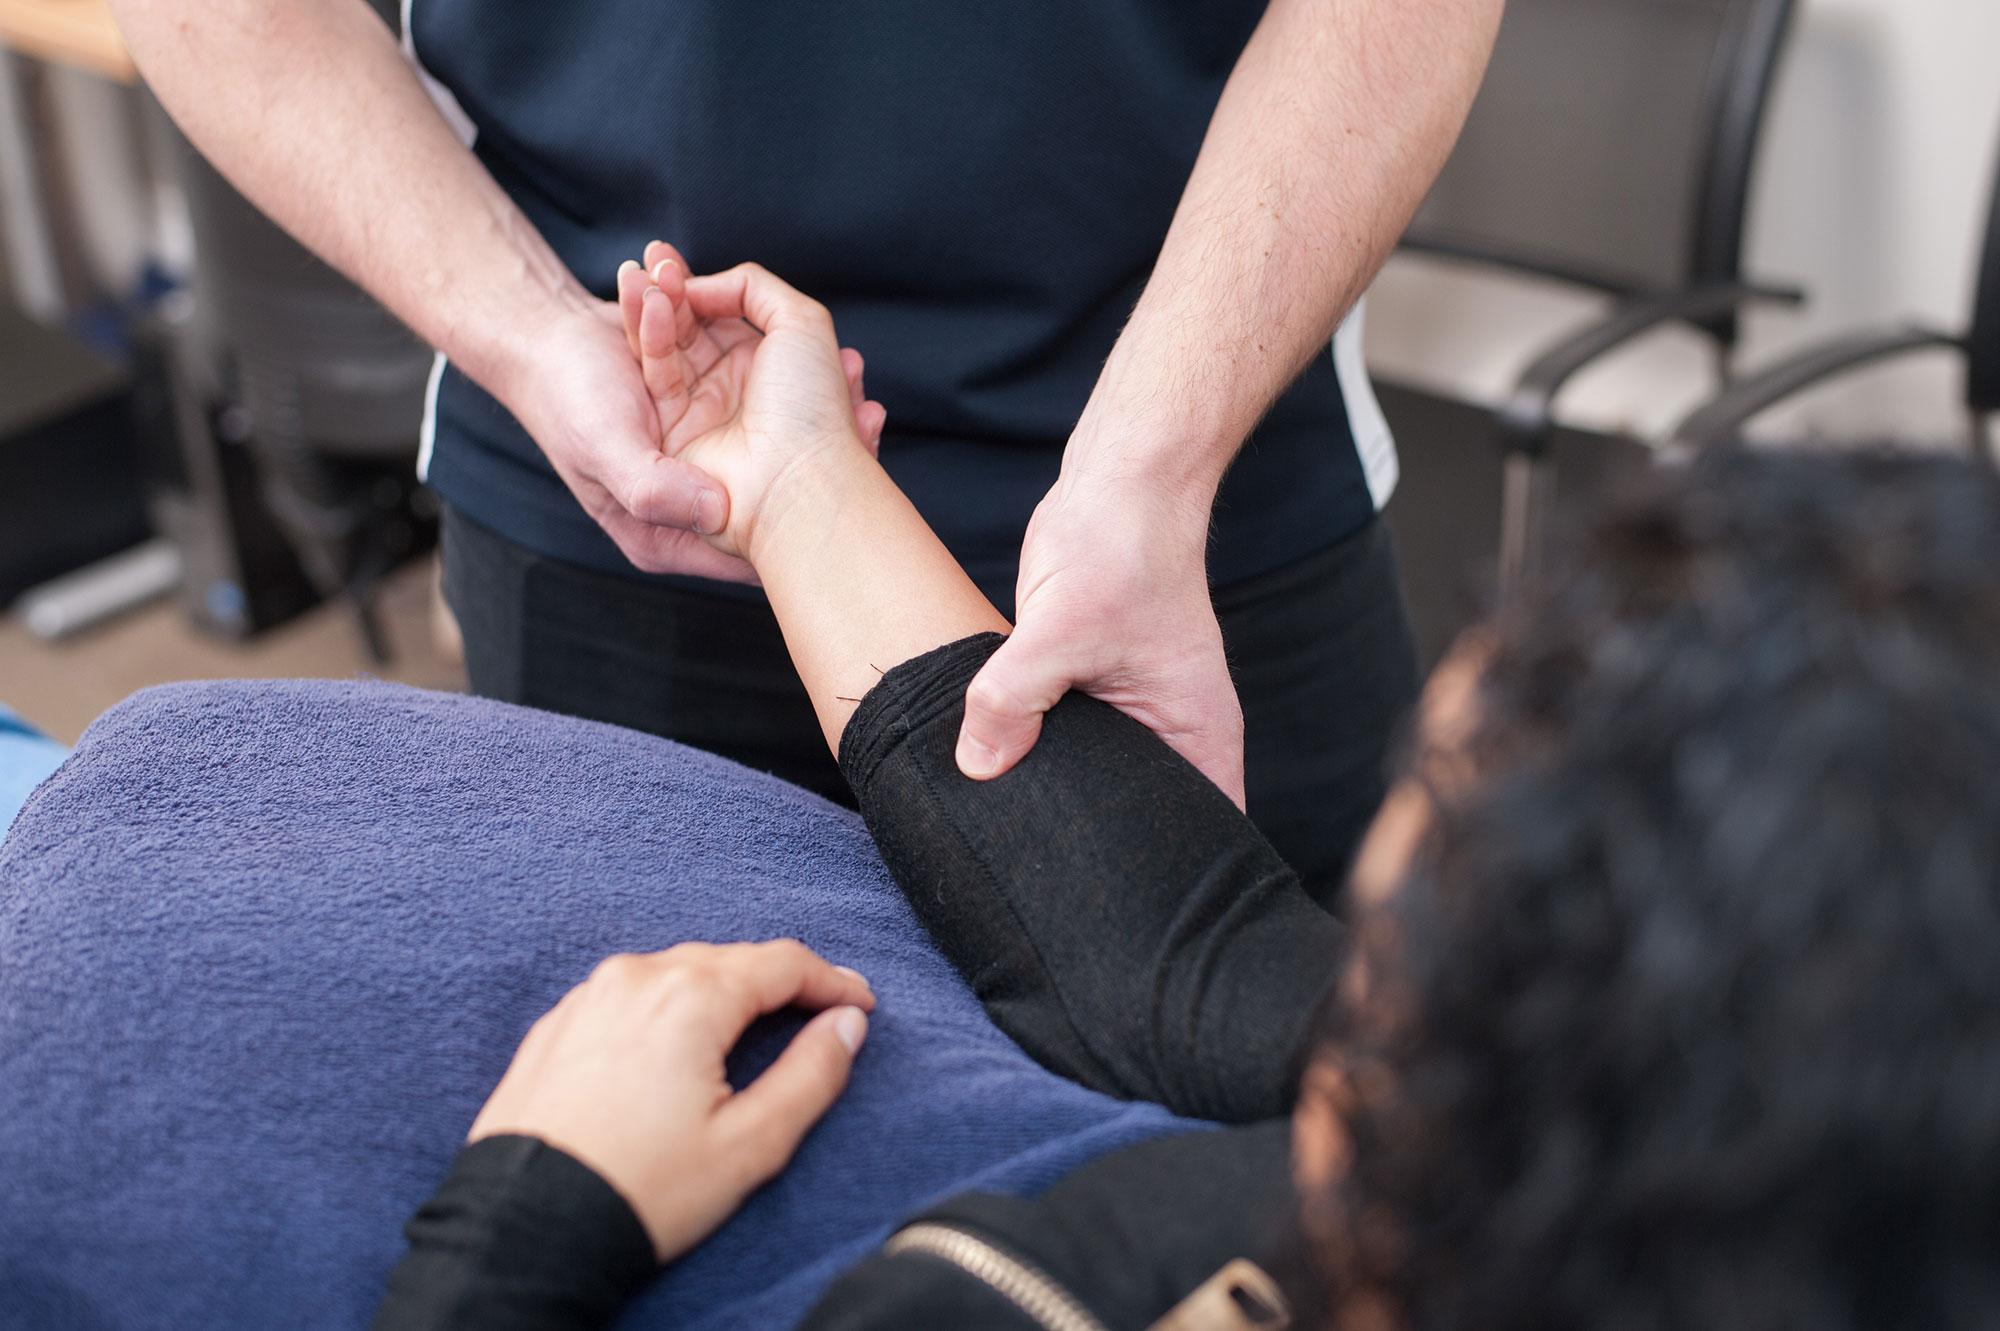 fysioterapeut 2